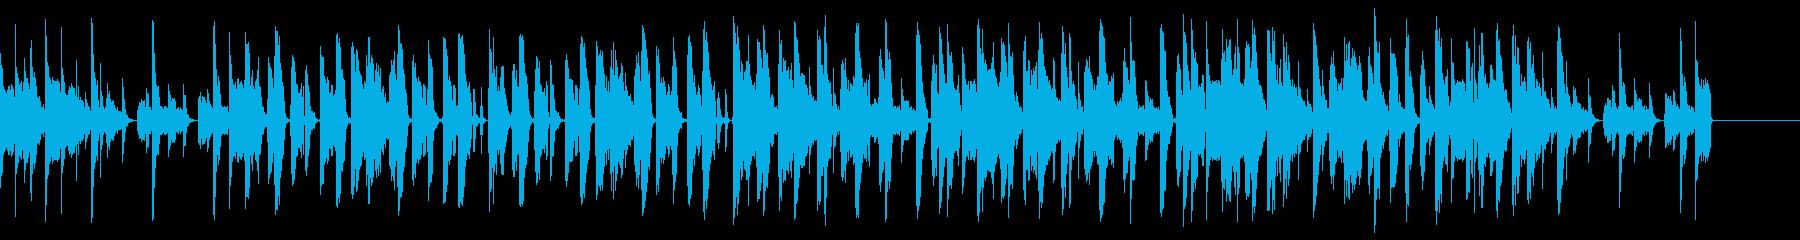 ベース、シンセパッドが印象的な曲の再生済みの波形